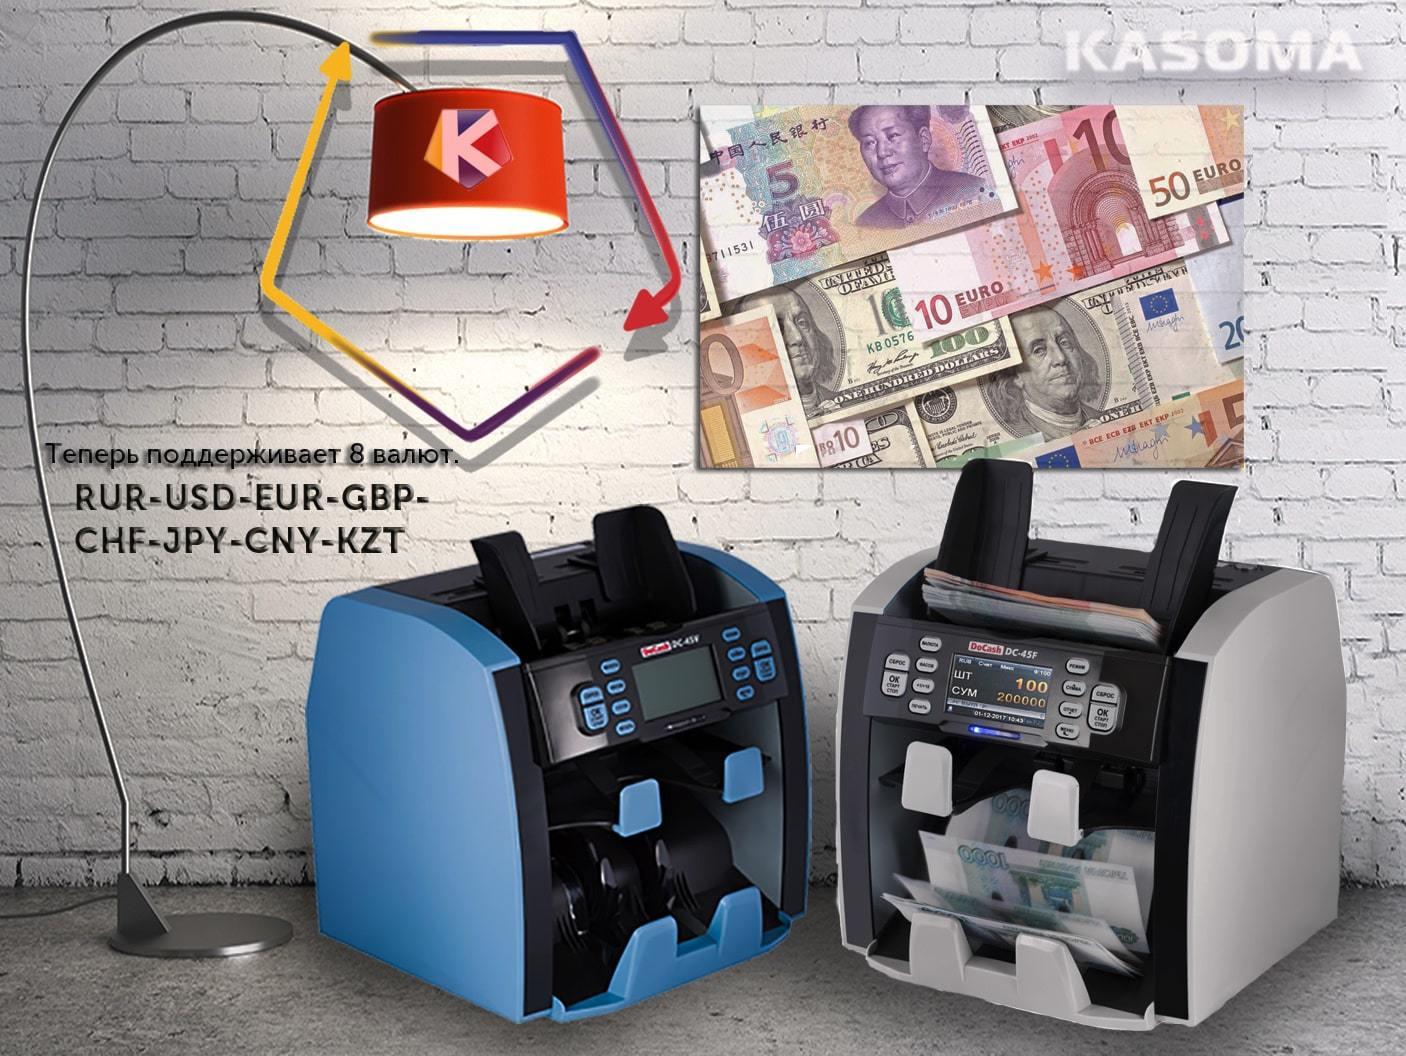 Счетчики-сортировщики банкнот Docash dc 45v / Docash dc 45f - Вышло новое программное обеспечение!